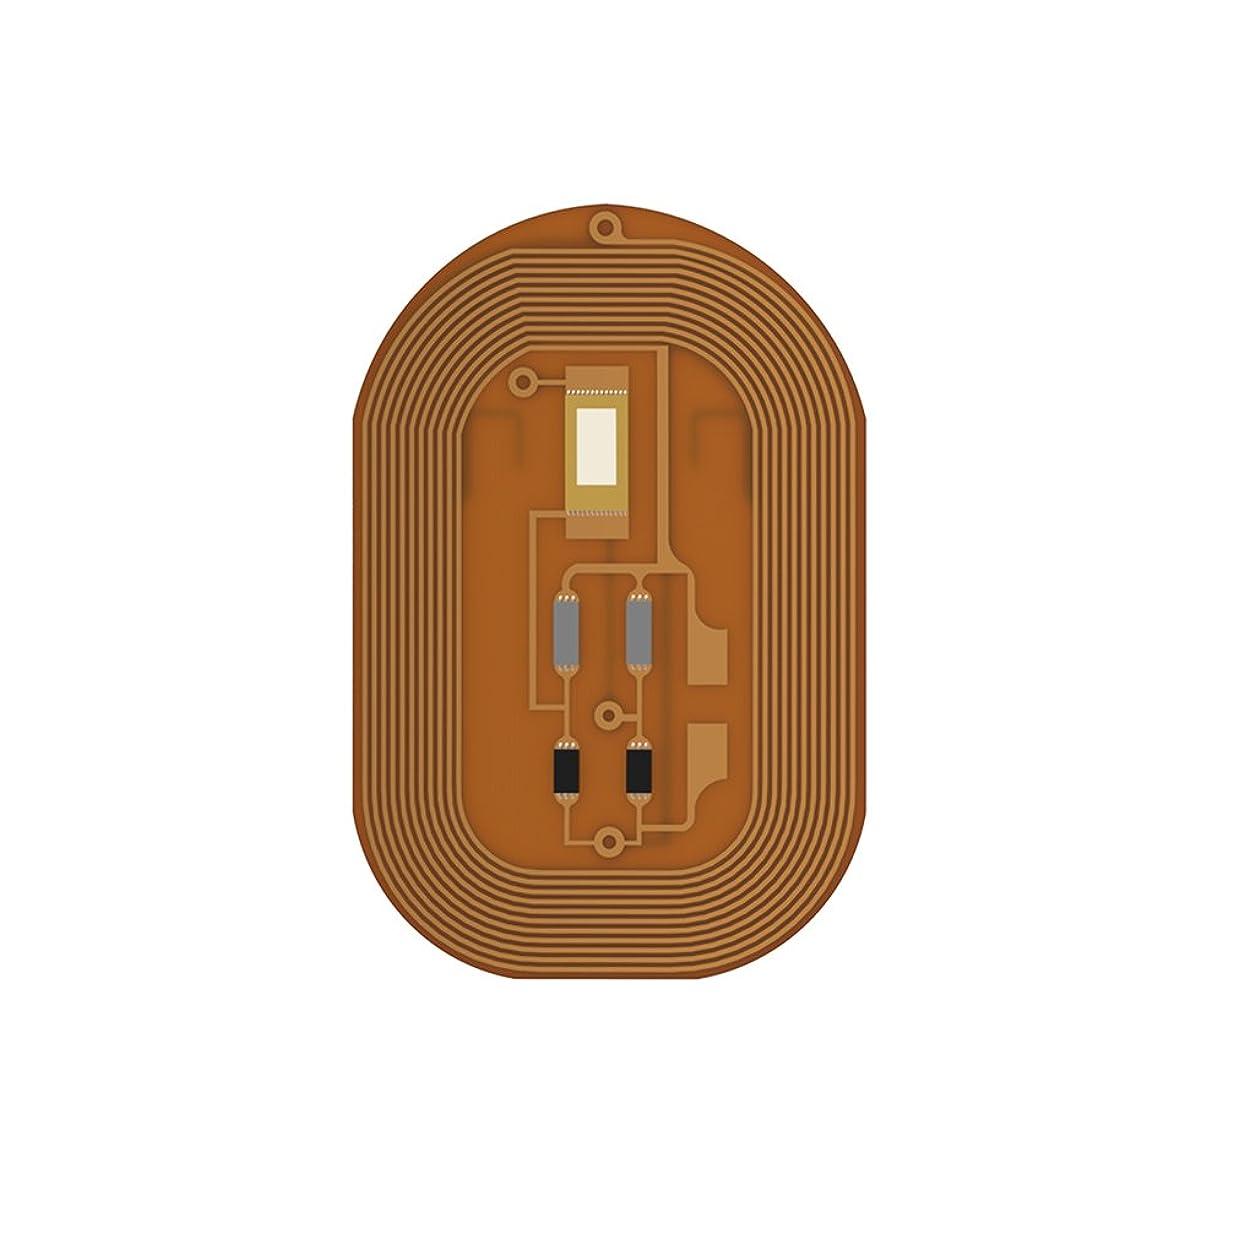 オフ有効なディレイIPOTCH ネイルチップ スマートネイル 厚さ0.1mm CE認証  NFCチップ LED ステッカー